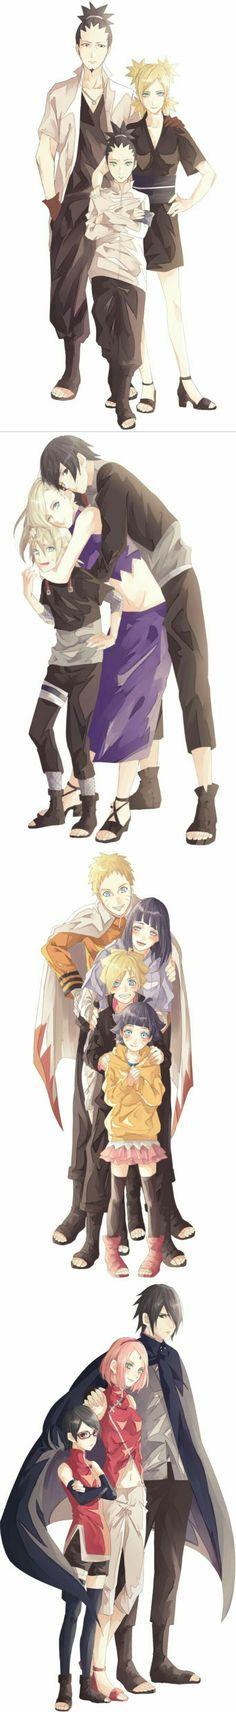 Shikamaru, Temari, Shikadai, Ino, Sai, Inojin, Naruto, Hinata, Himawari, Boruto, Sasuke, Sakura, Sarada, couples, family, Nara family, Yamanaka family, Uzumaki family, Uchiha family; Naruto